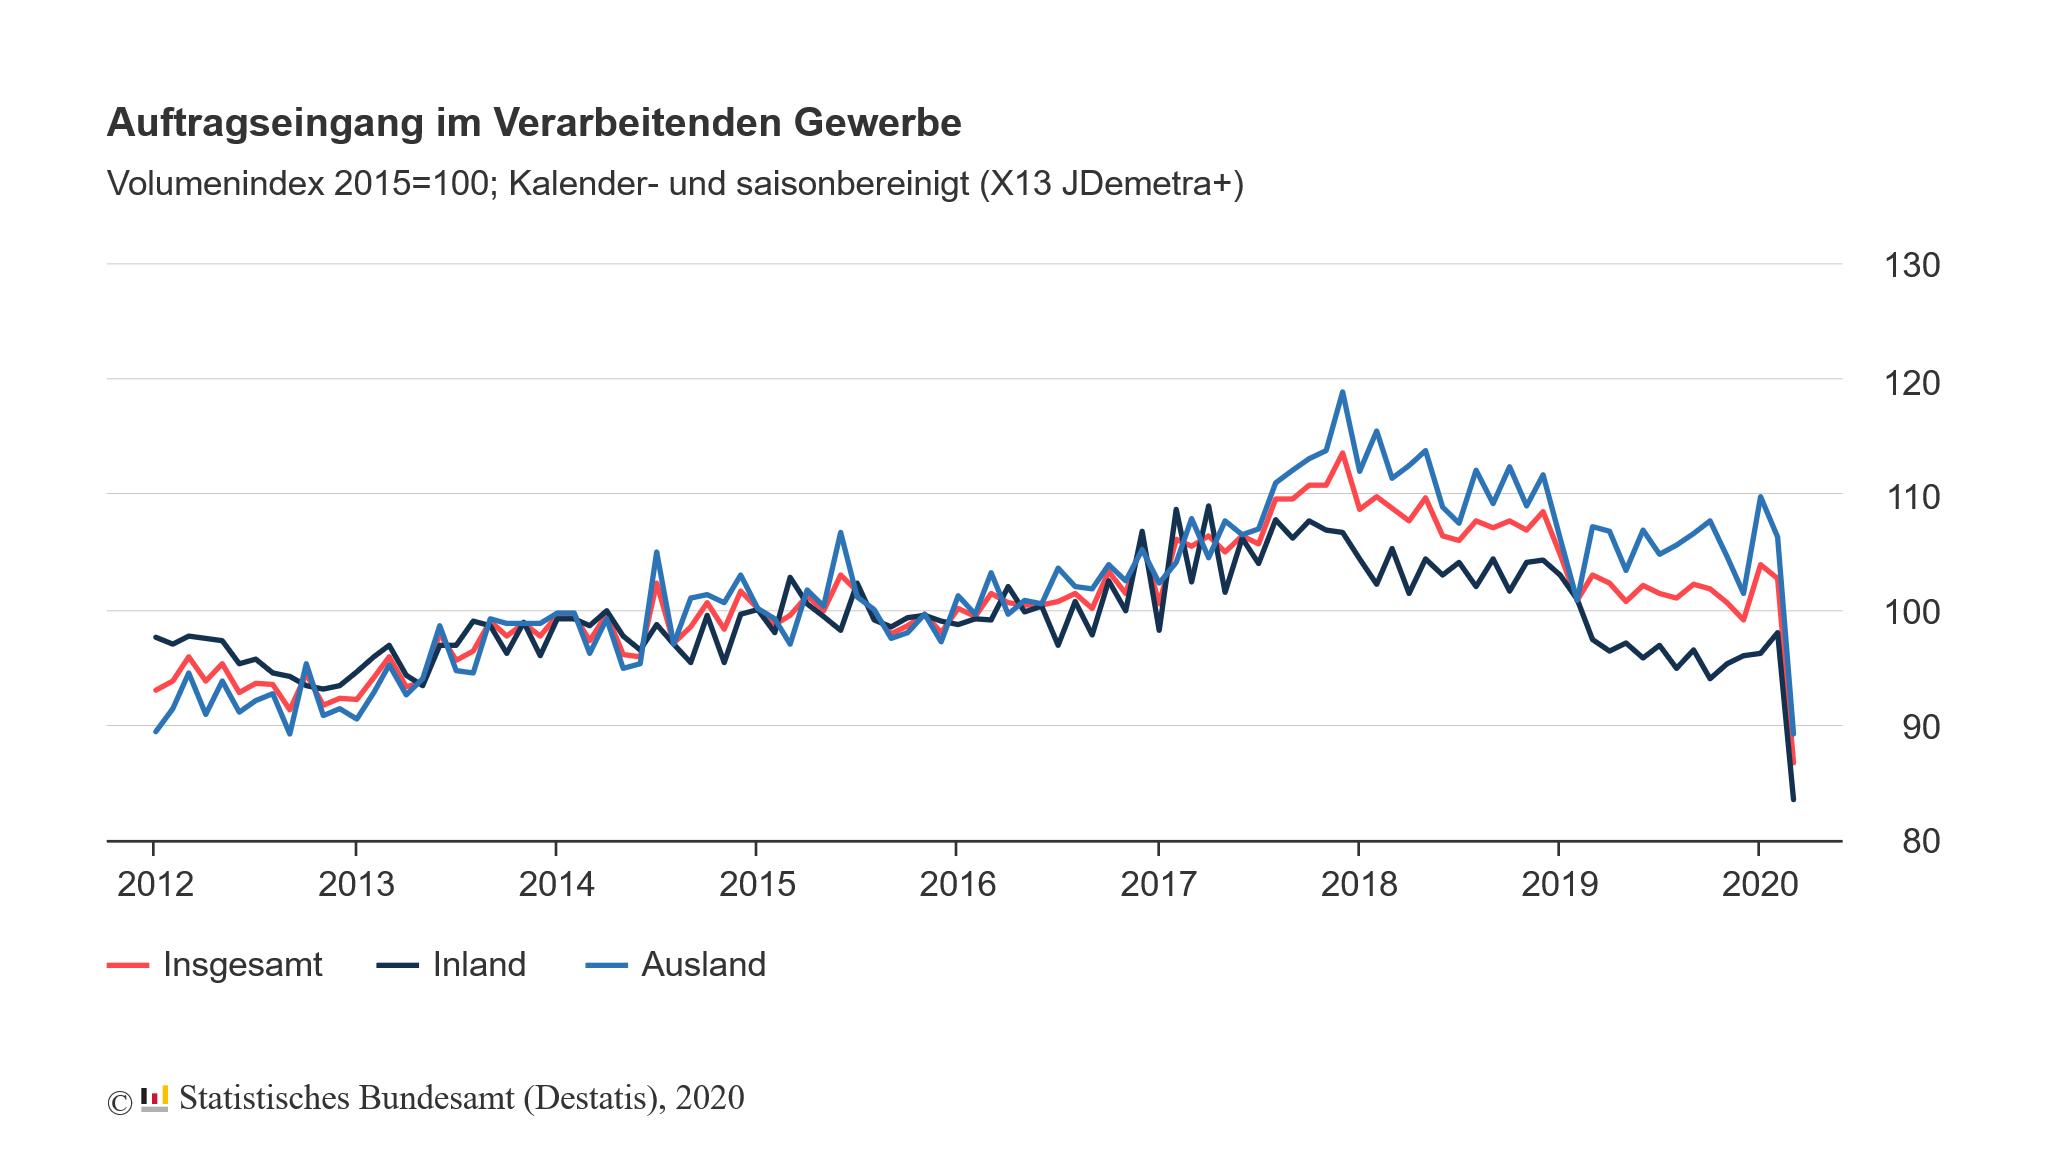 Auftragseingang in der deutschen Industrie